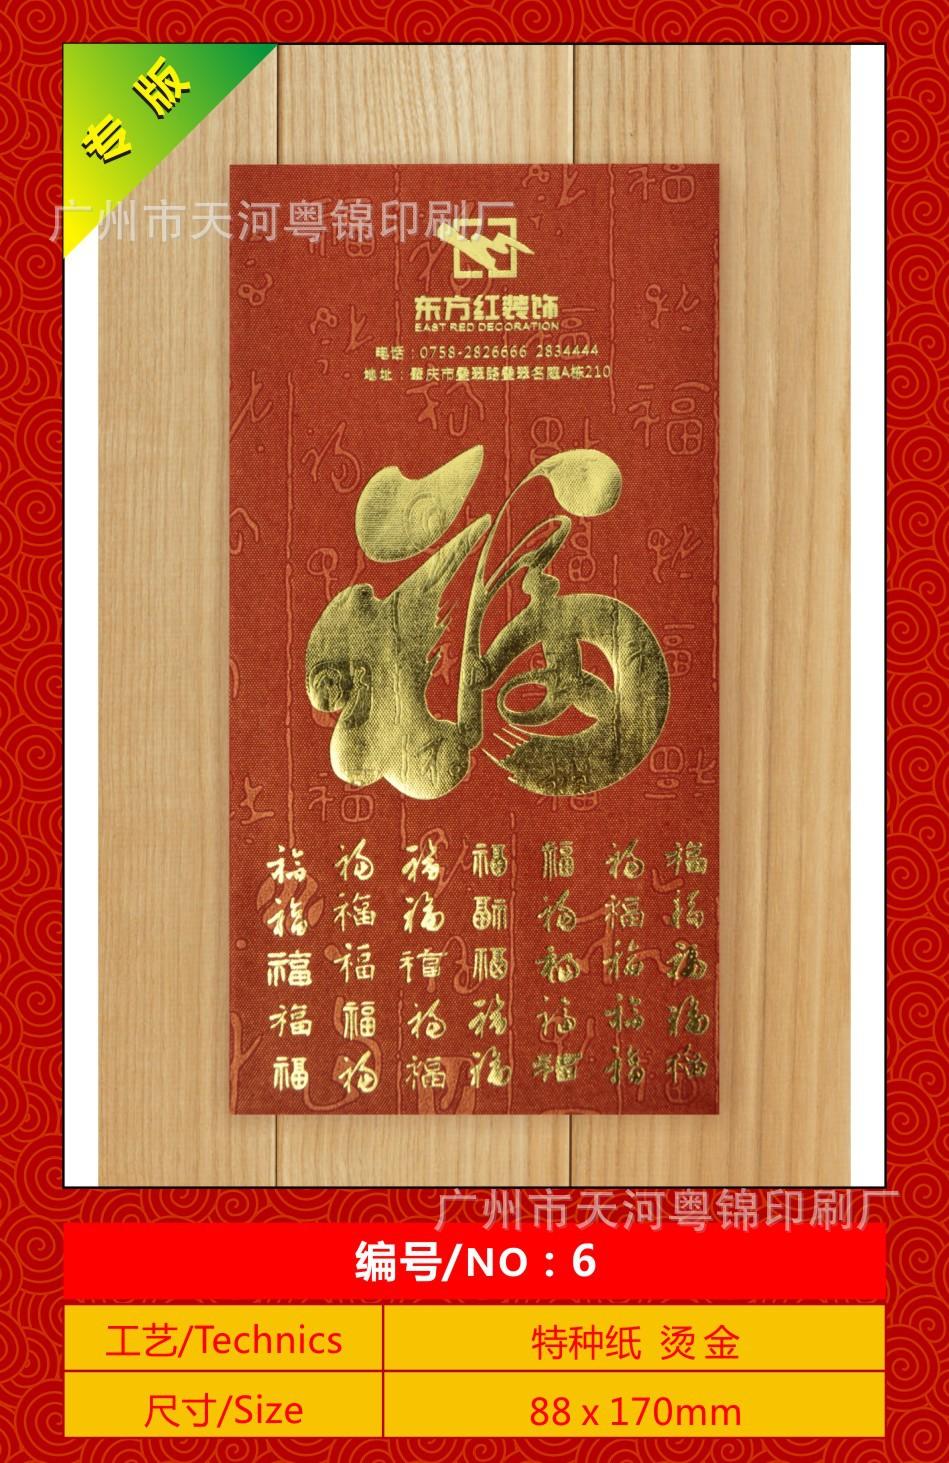 【大号】专版红包利是封样板图片NO:6